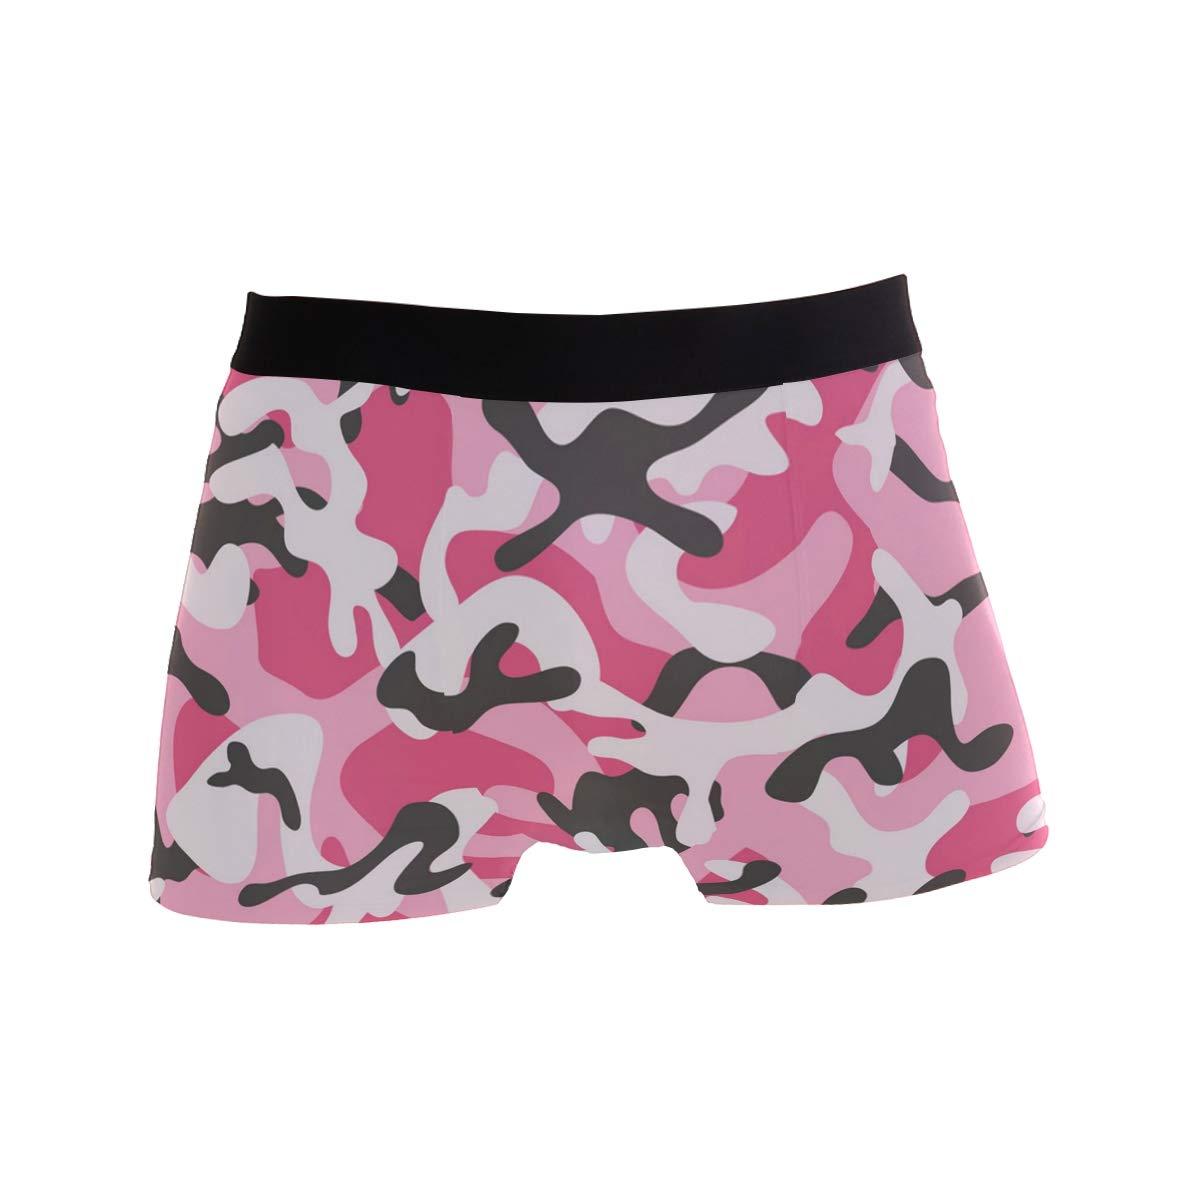 Forest Leaf-Camouflage Pink Mens Underwear Mens Bag Soft Cotton Underwear 2 Pack